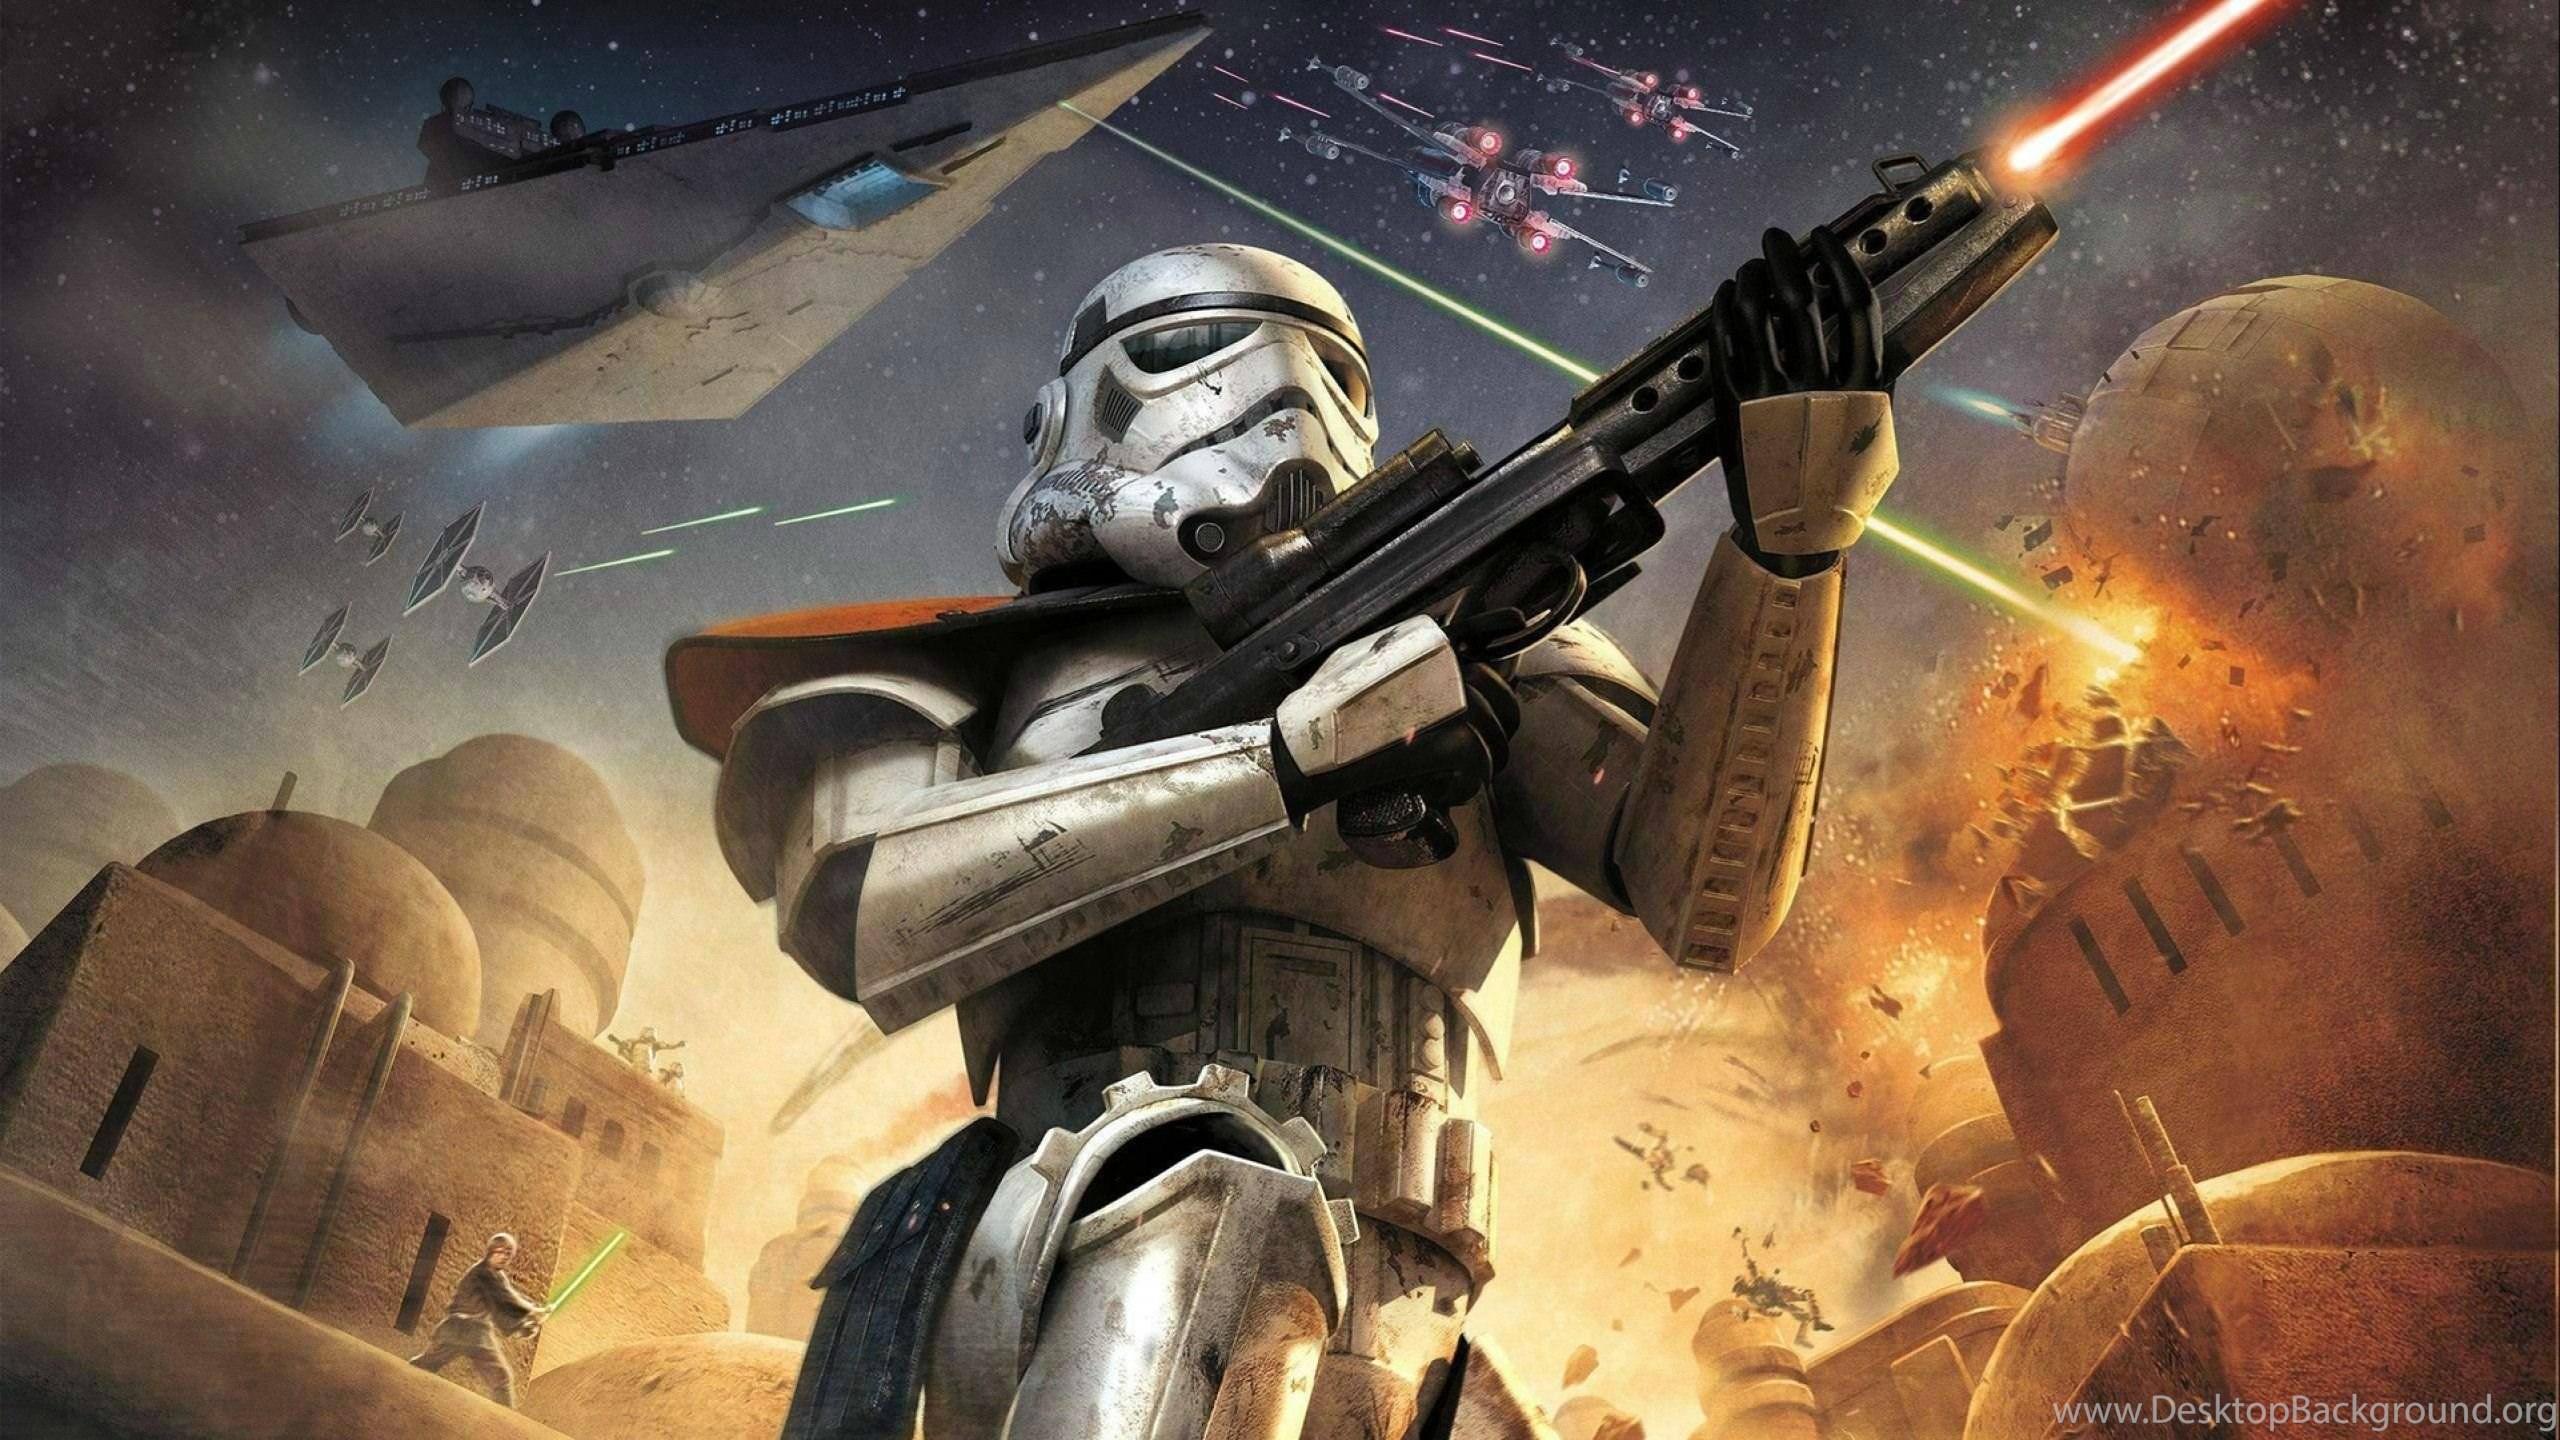 Star Wars Battlefront Sci Fi Fps Shooter Action 1swbattlefront Desktop Background